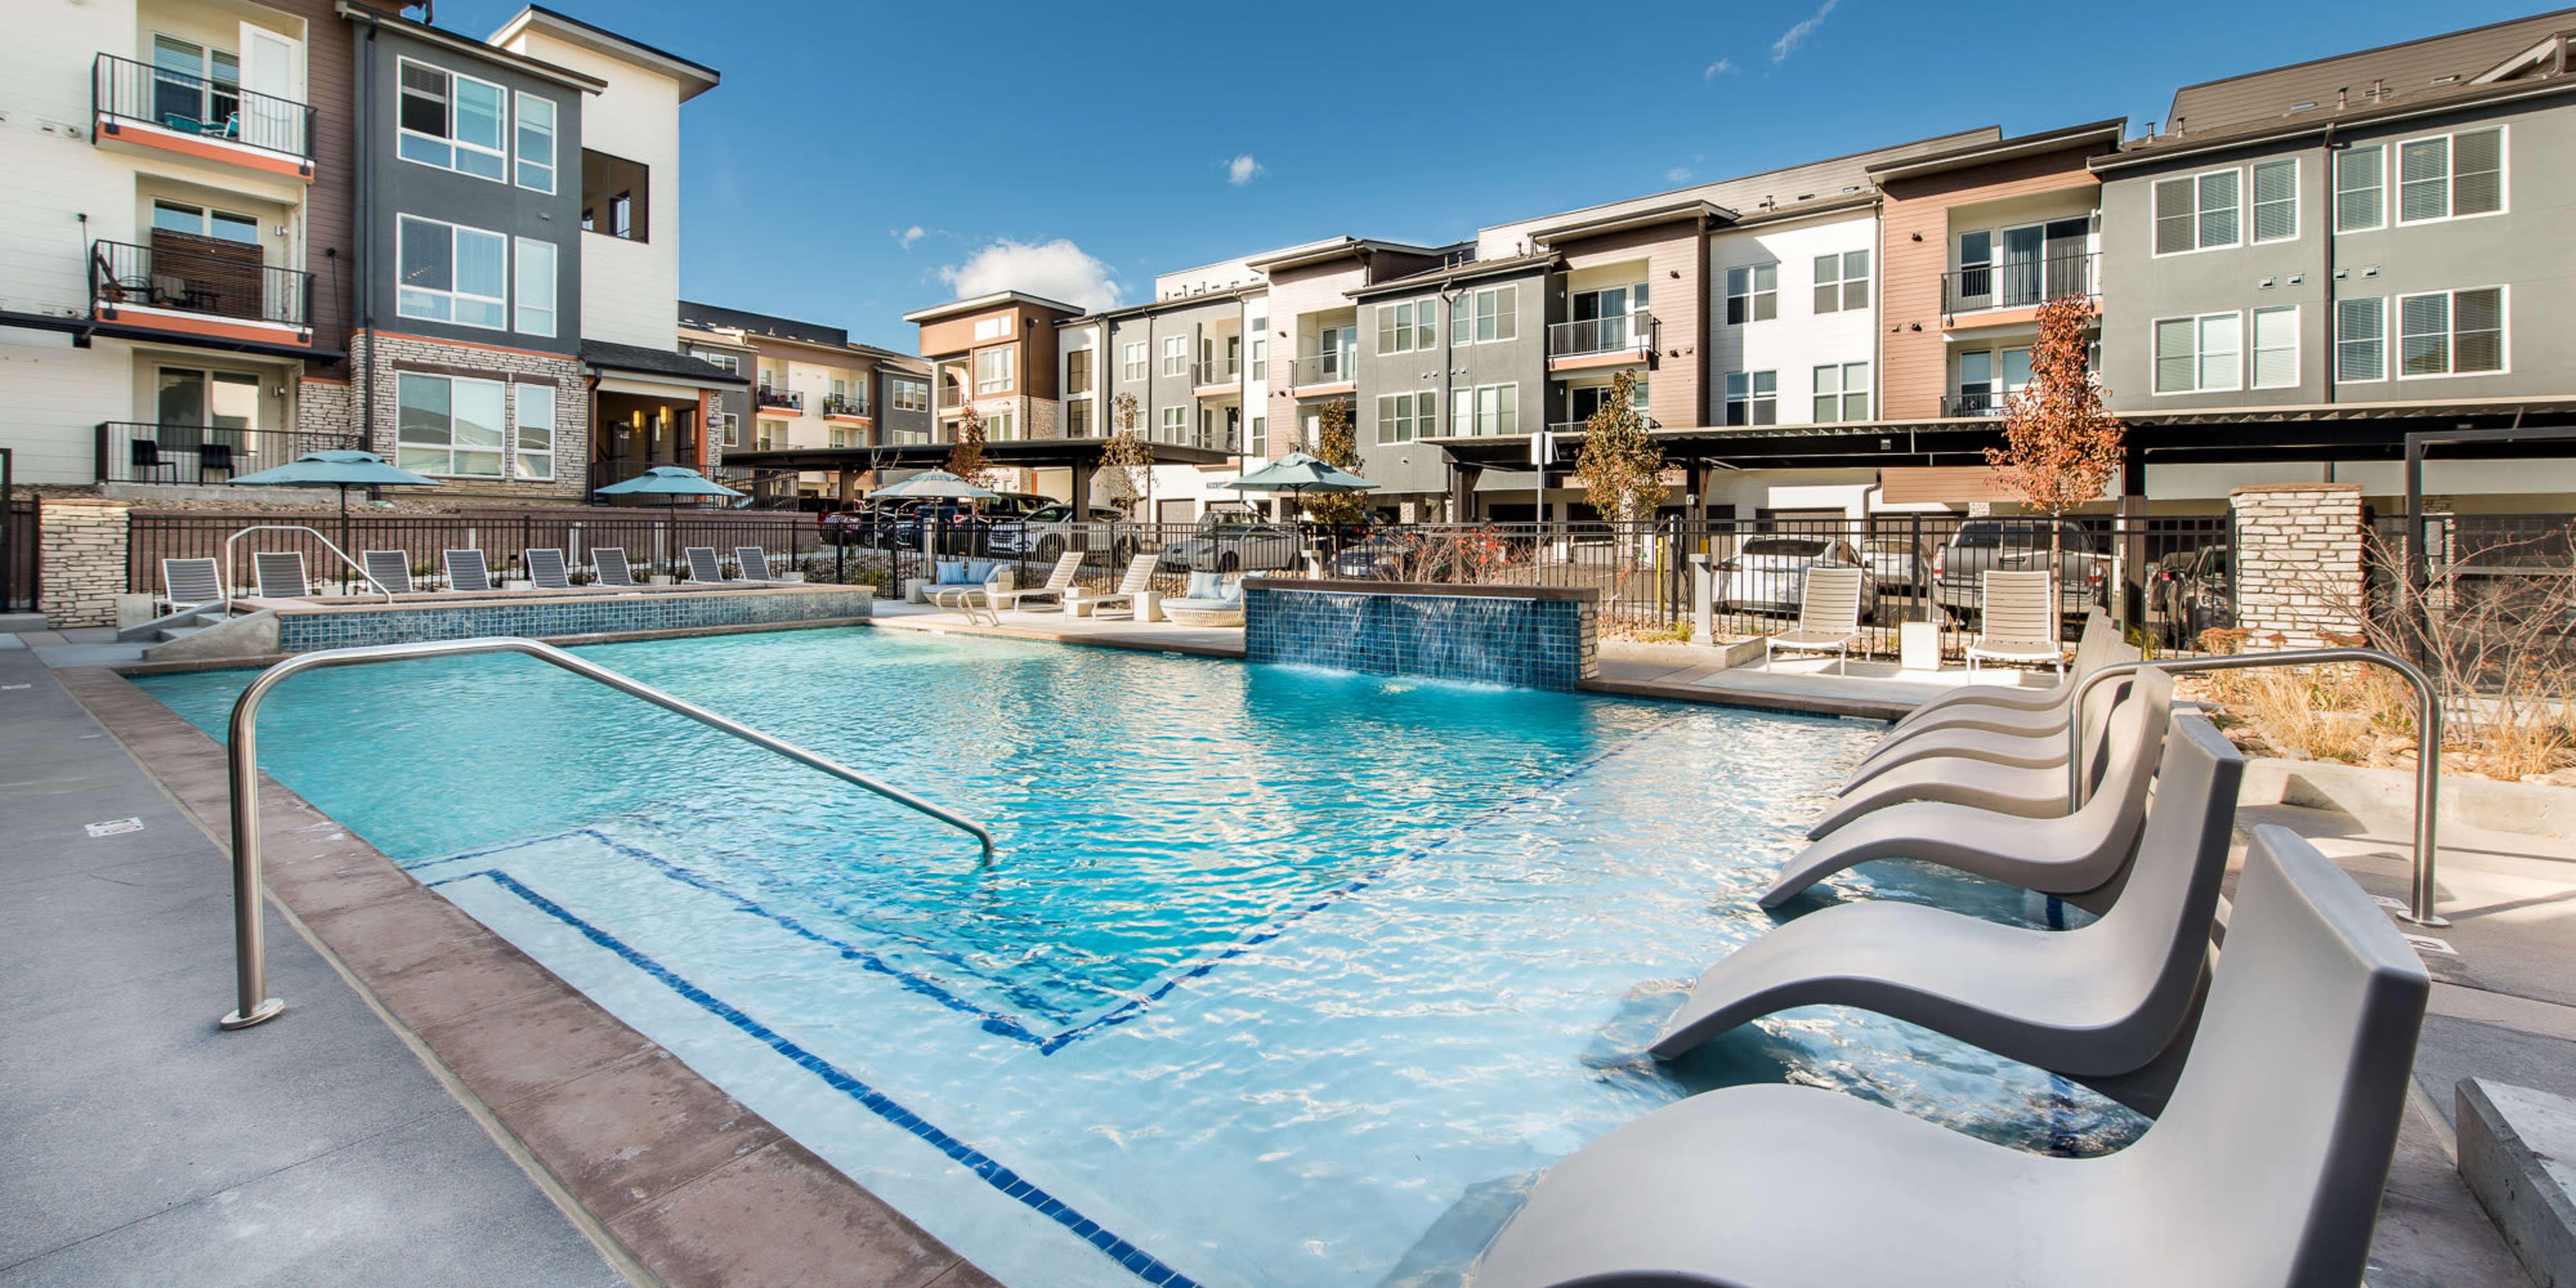 Apartments in Englewood, Colorado